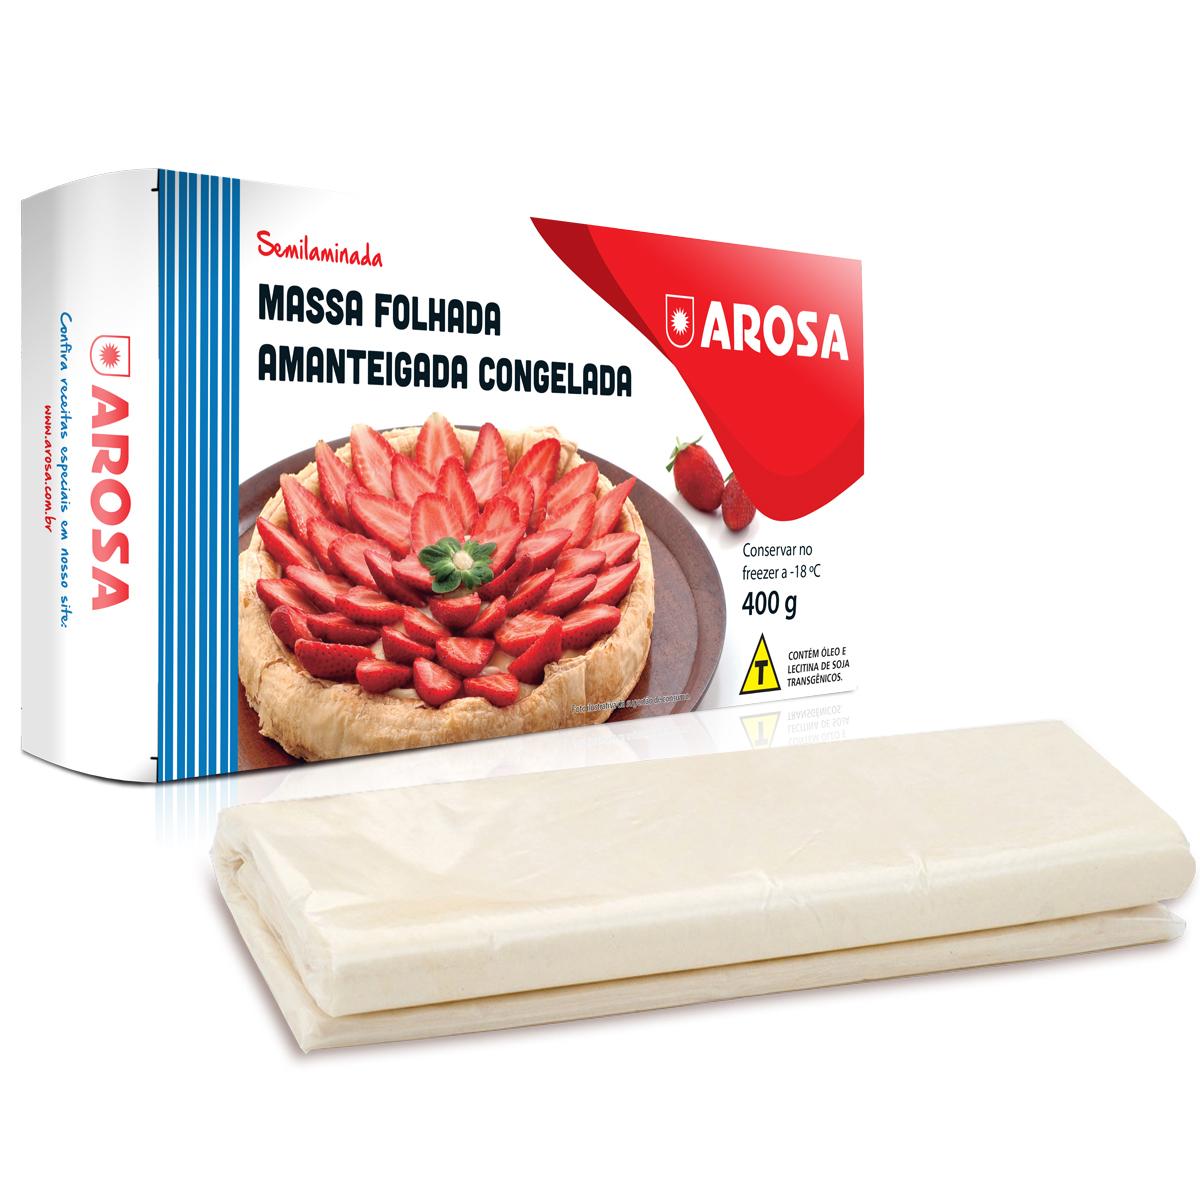 produto - Massa Folhada Amanteigada 400 g